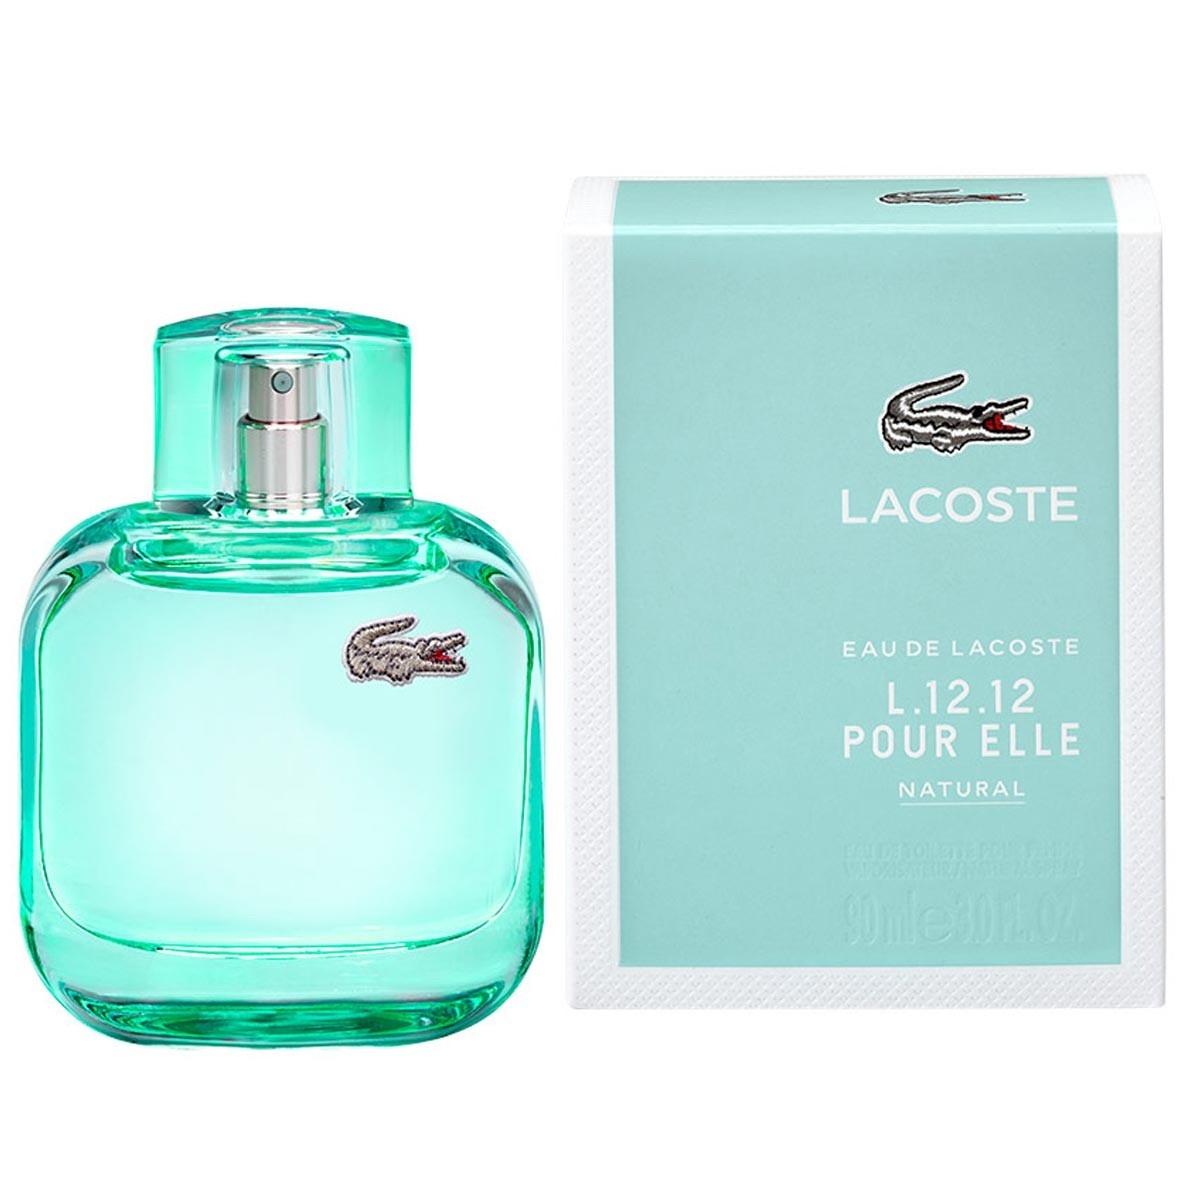 Lacoste Eau de Lacoste L.12.12 Pour Elle Natural toaletní voda pro ženy